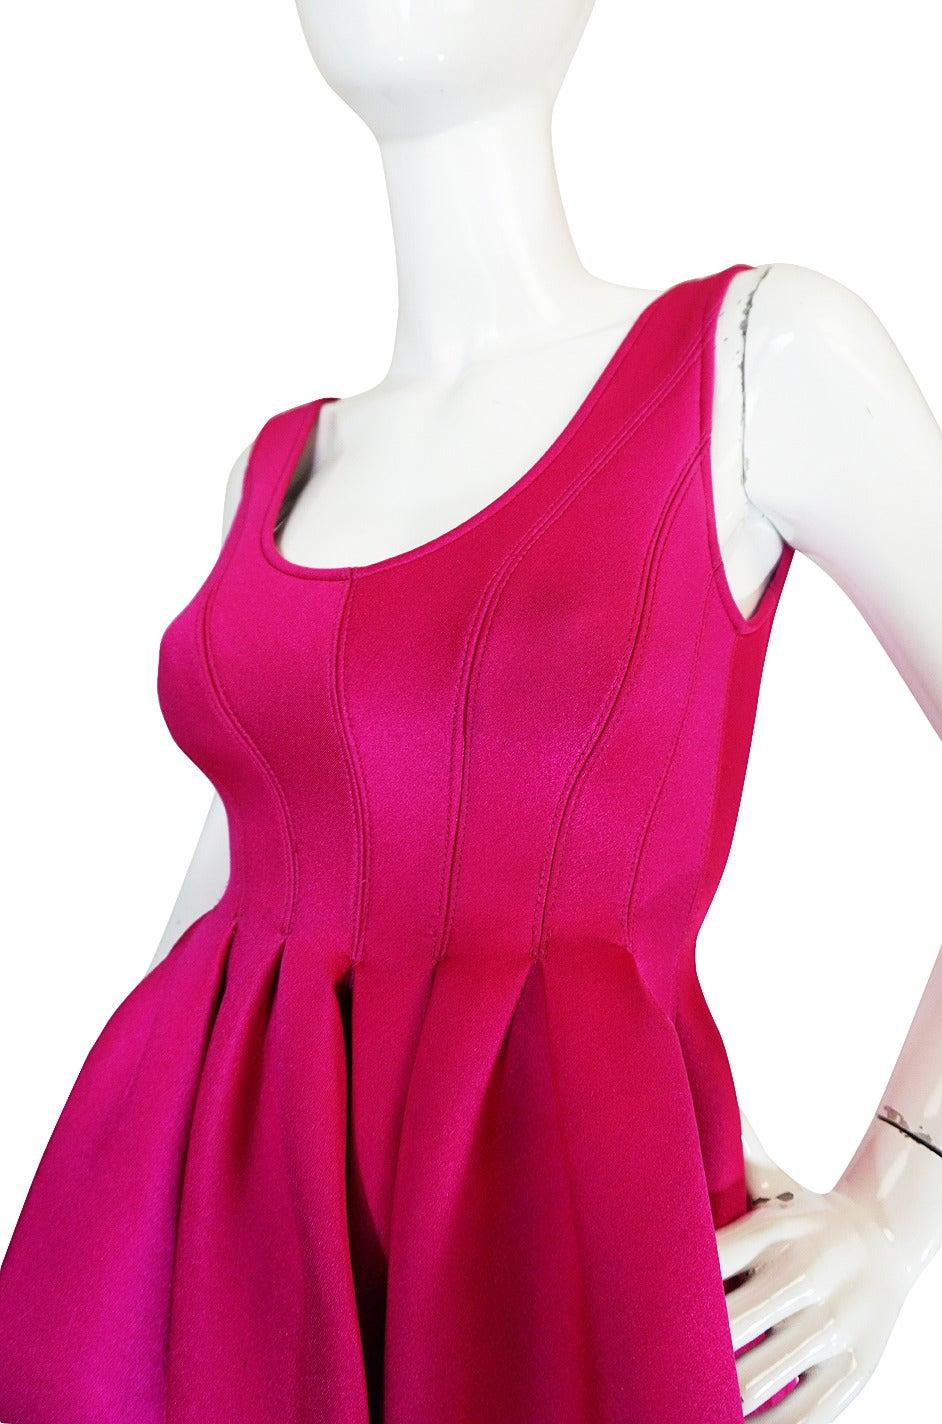 F/W 1994 Donna Karan Museum Held Neoprene Mini Dress 5